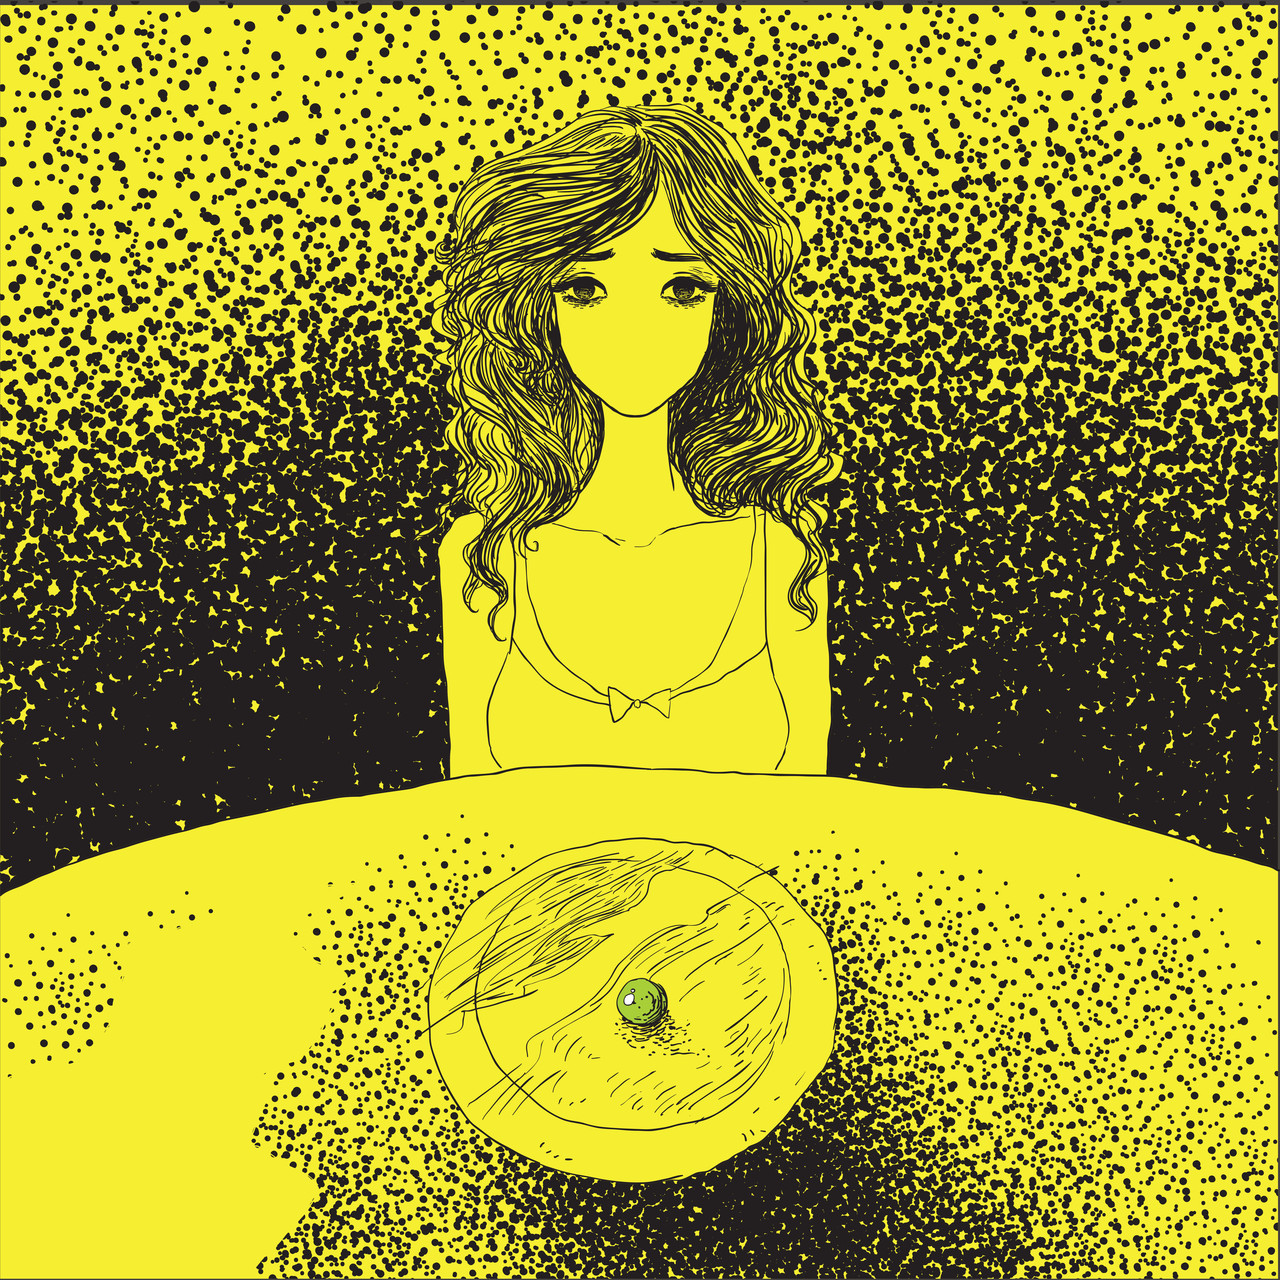 Rozhovor: Anorexie či bulimie? Módní poruchou příjmu potravy je ortorexie